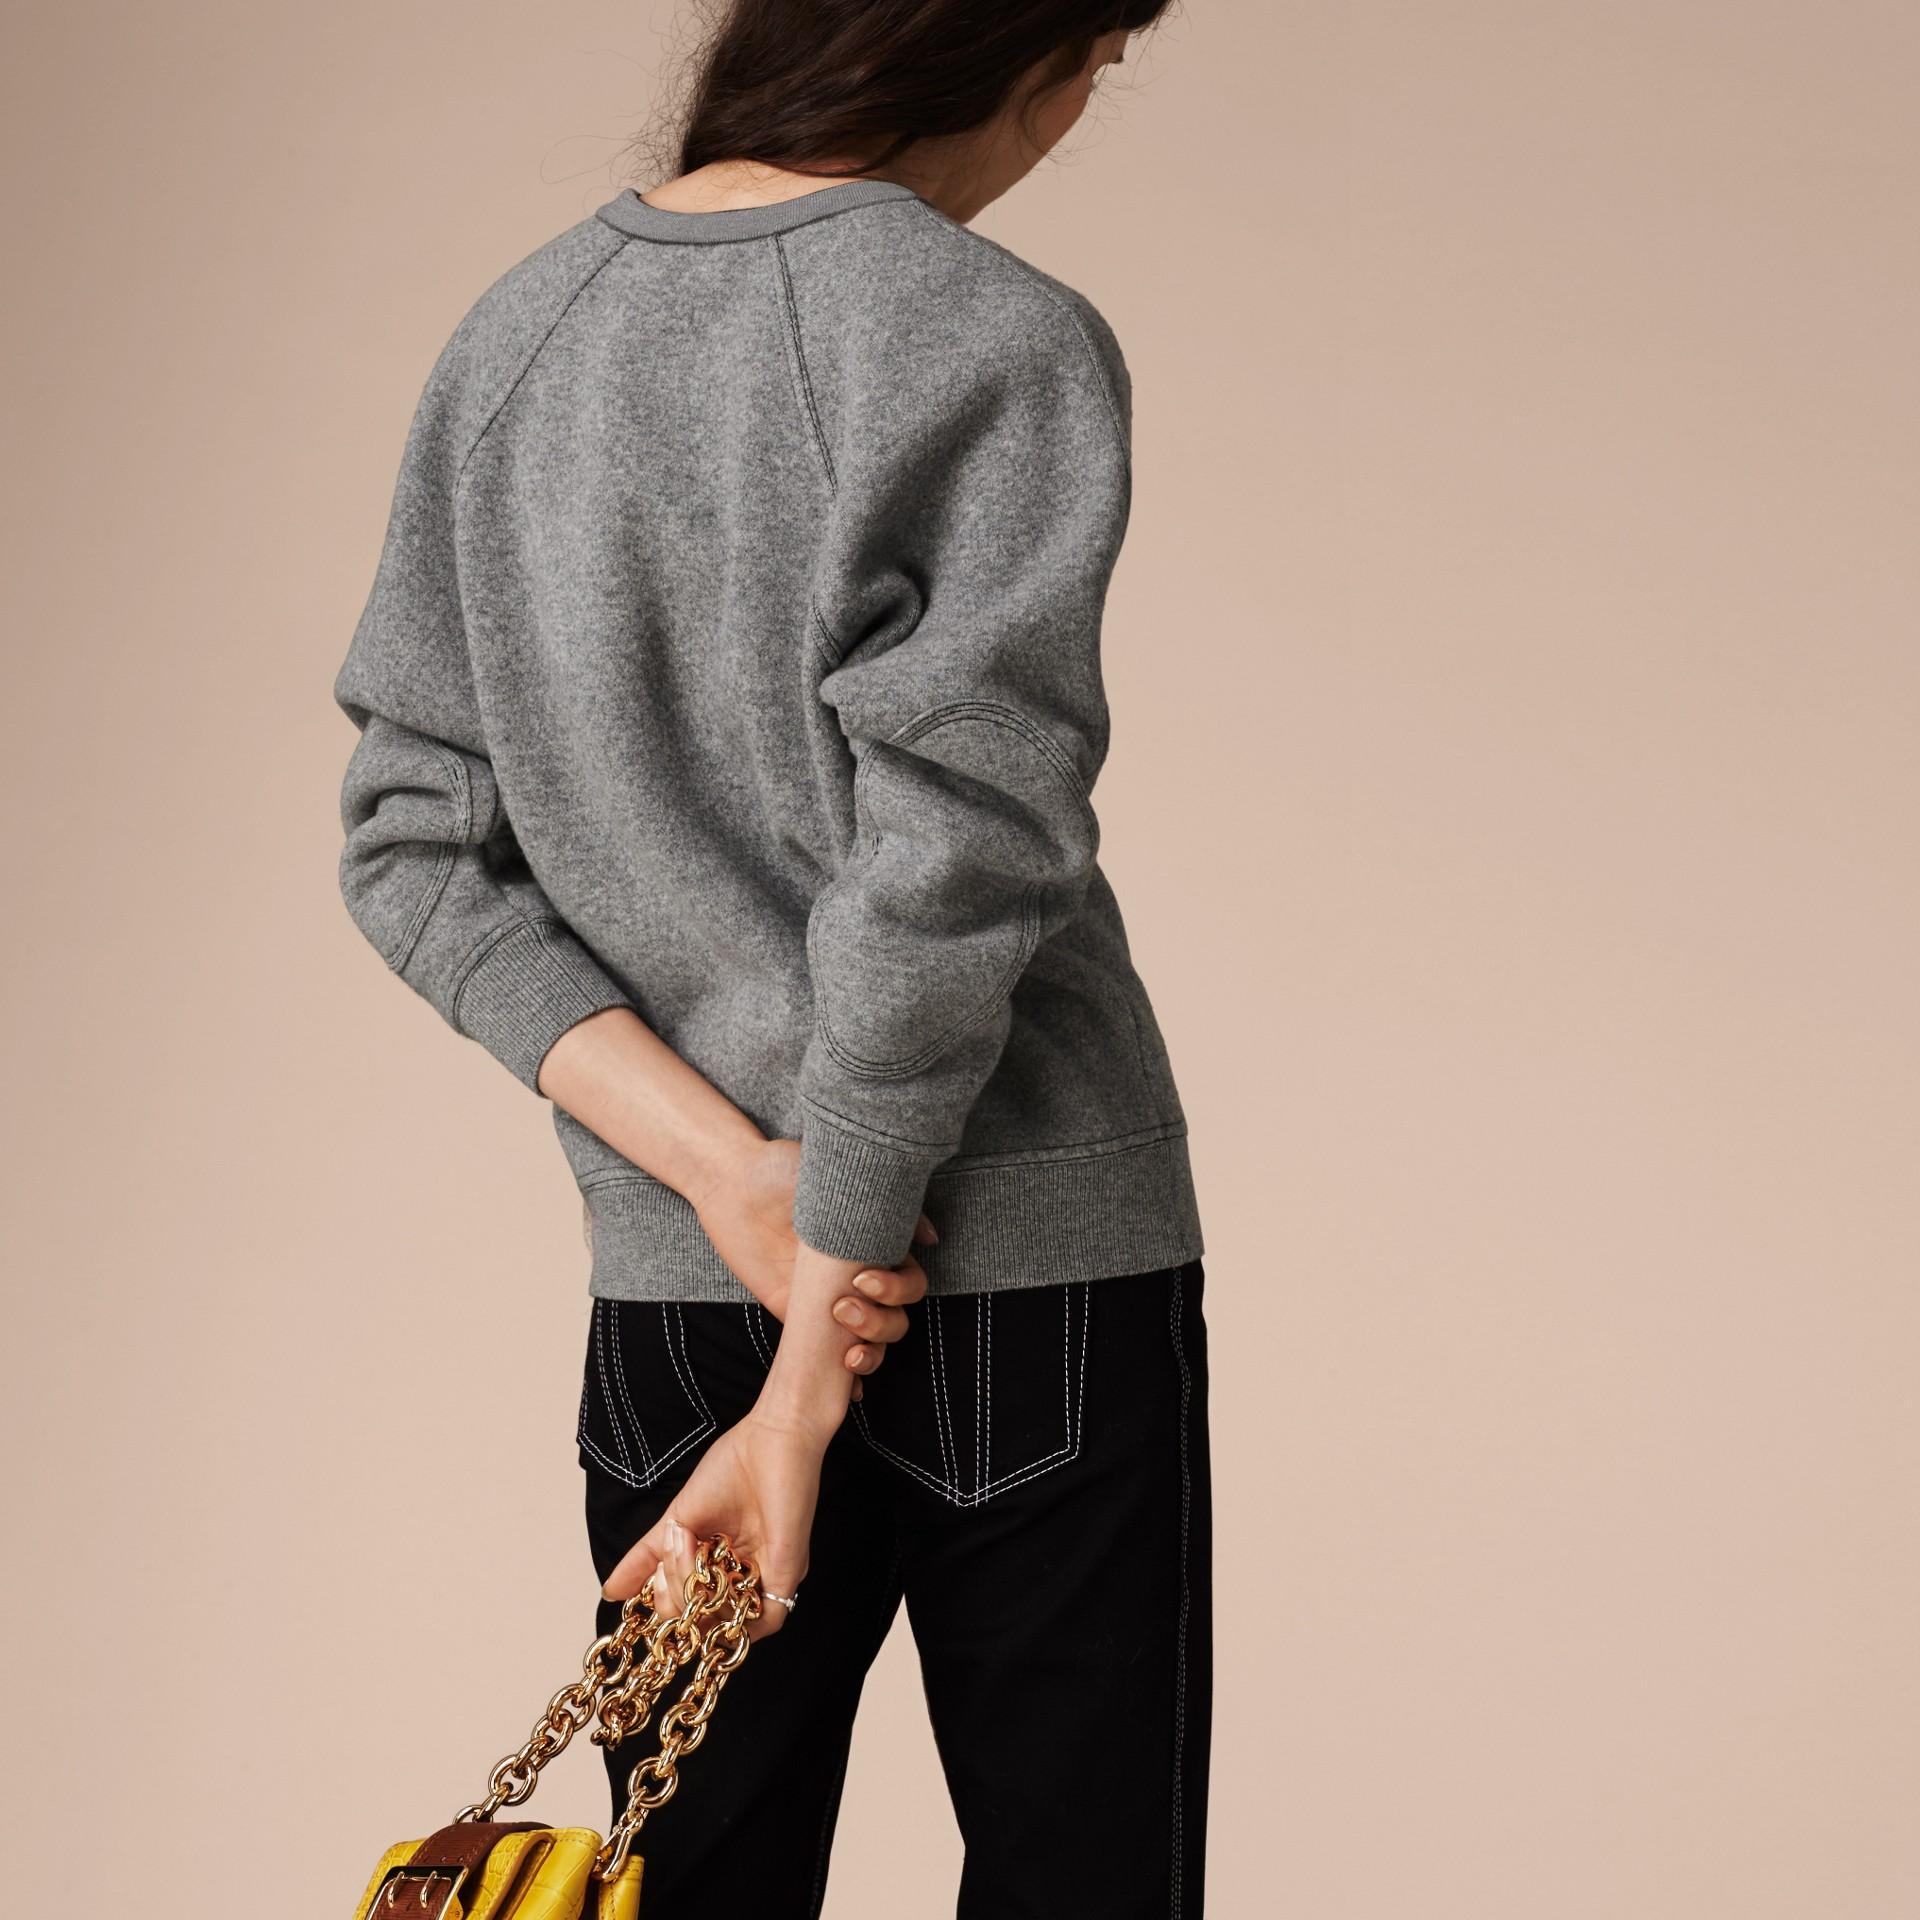 Midgrey melange/black Wool Cashmere Sculpted Sweatshirt Midgrey Melange/black - gallery image 4